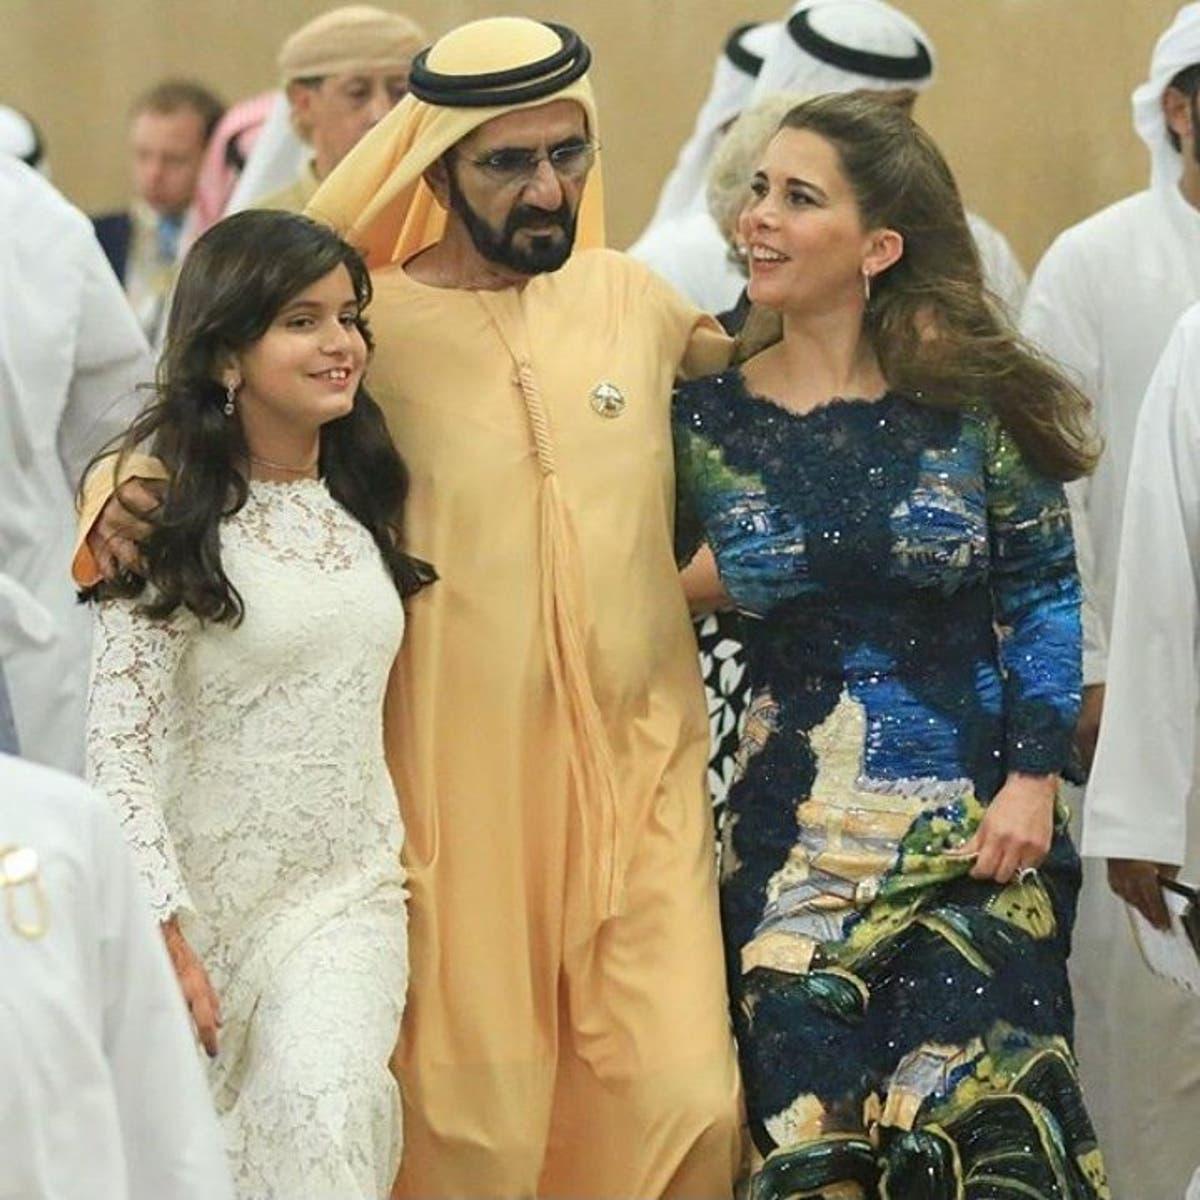 Eski Dubai Prensesi Haya, gizli aşk yaşadığı korumasına 1.2 milyon sterlin ödedi